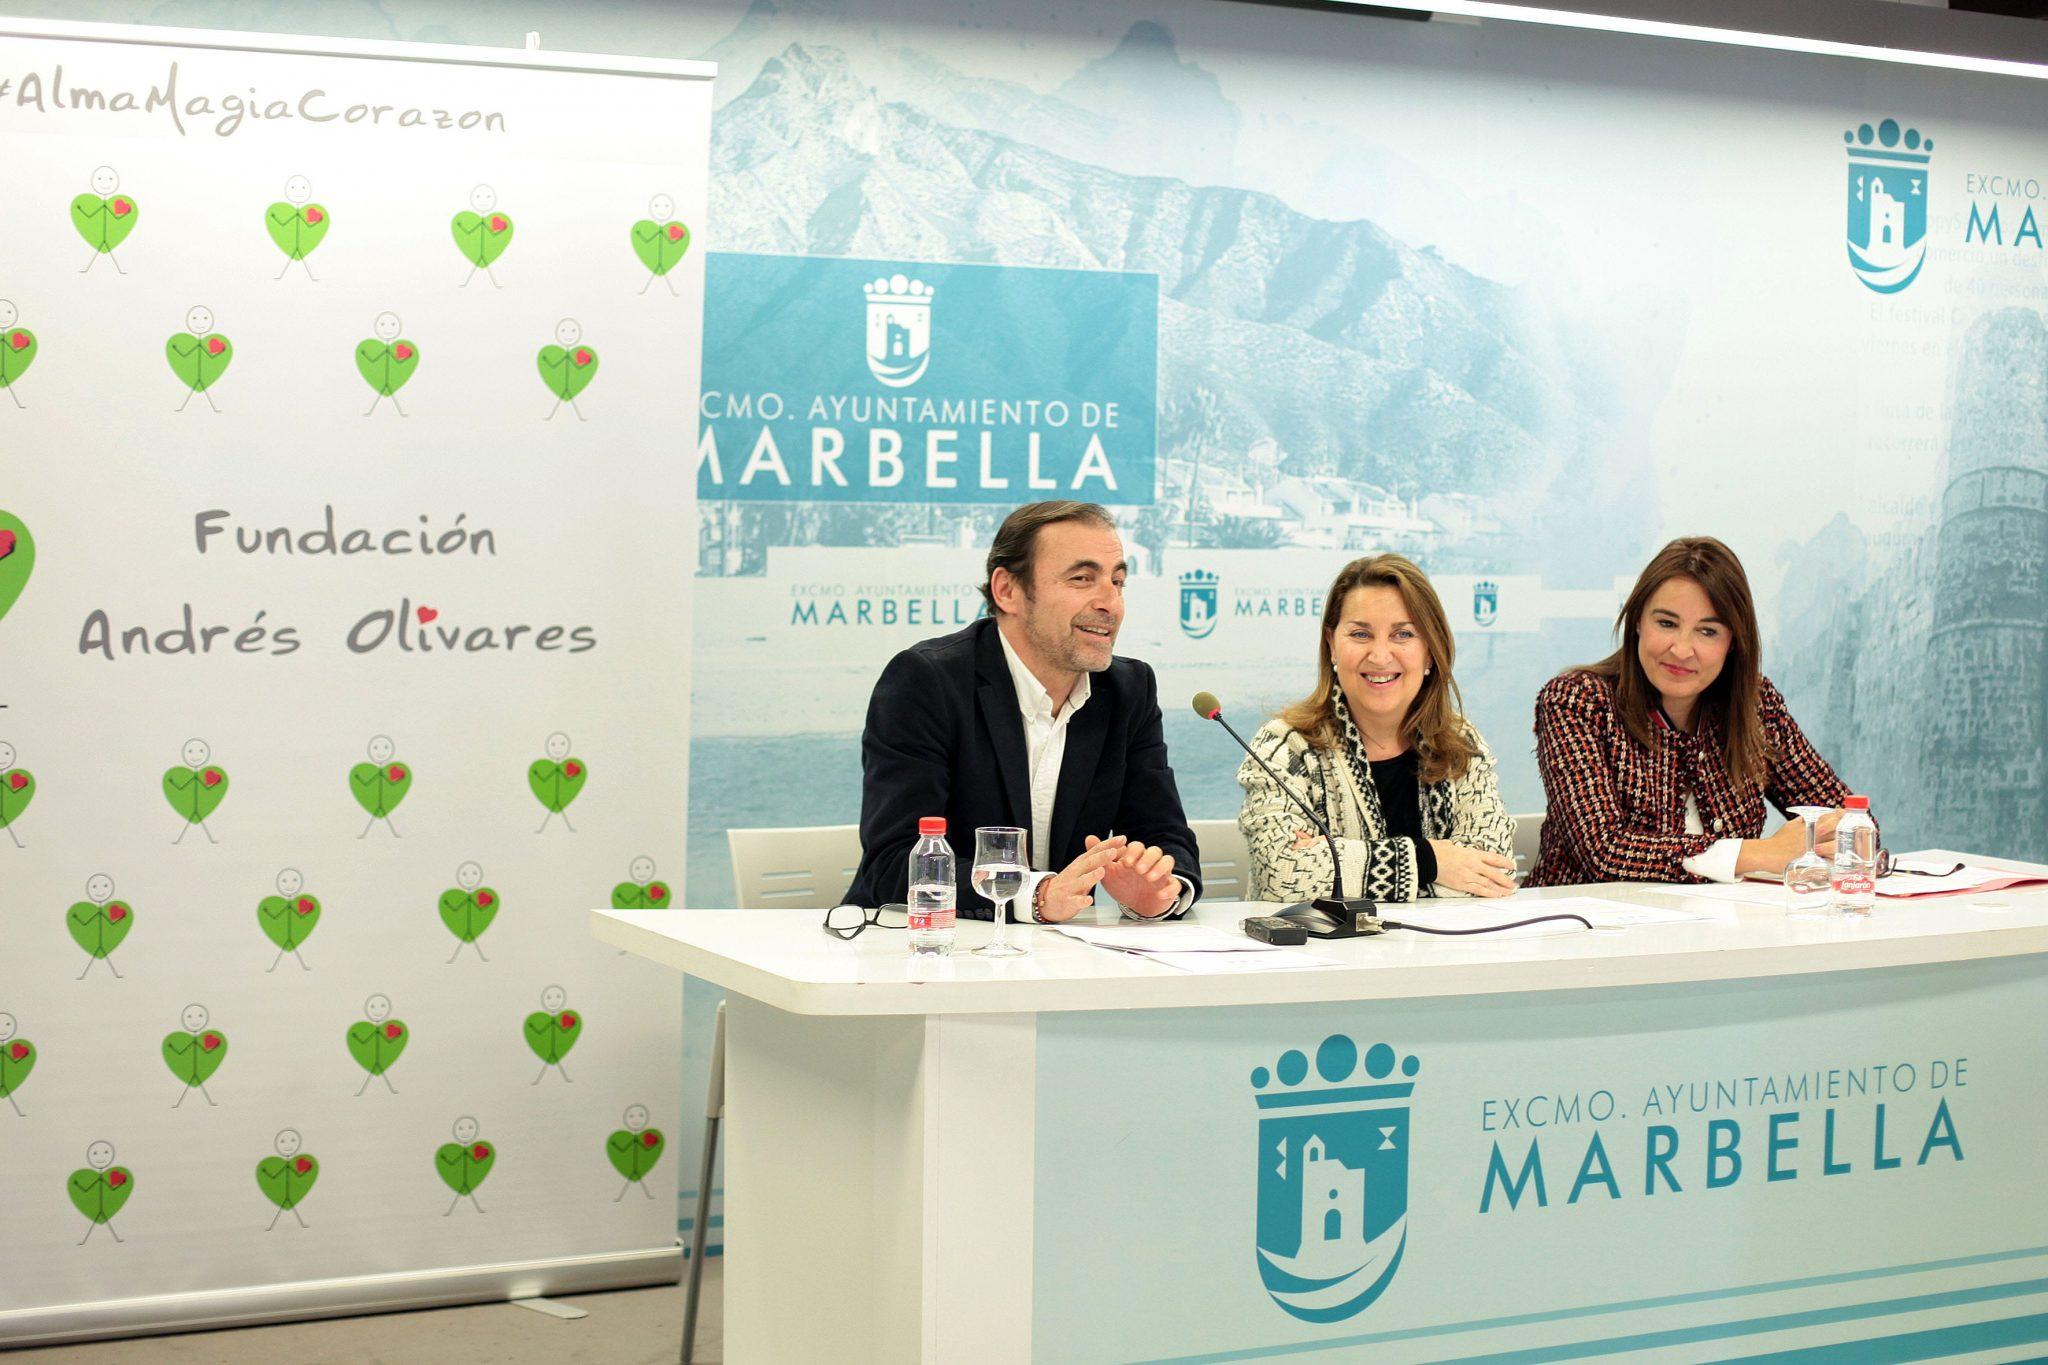 El Ayuntamiento respalda la labor encomiable de la Fundación Andrés Olivares